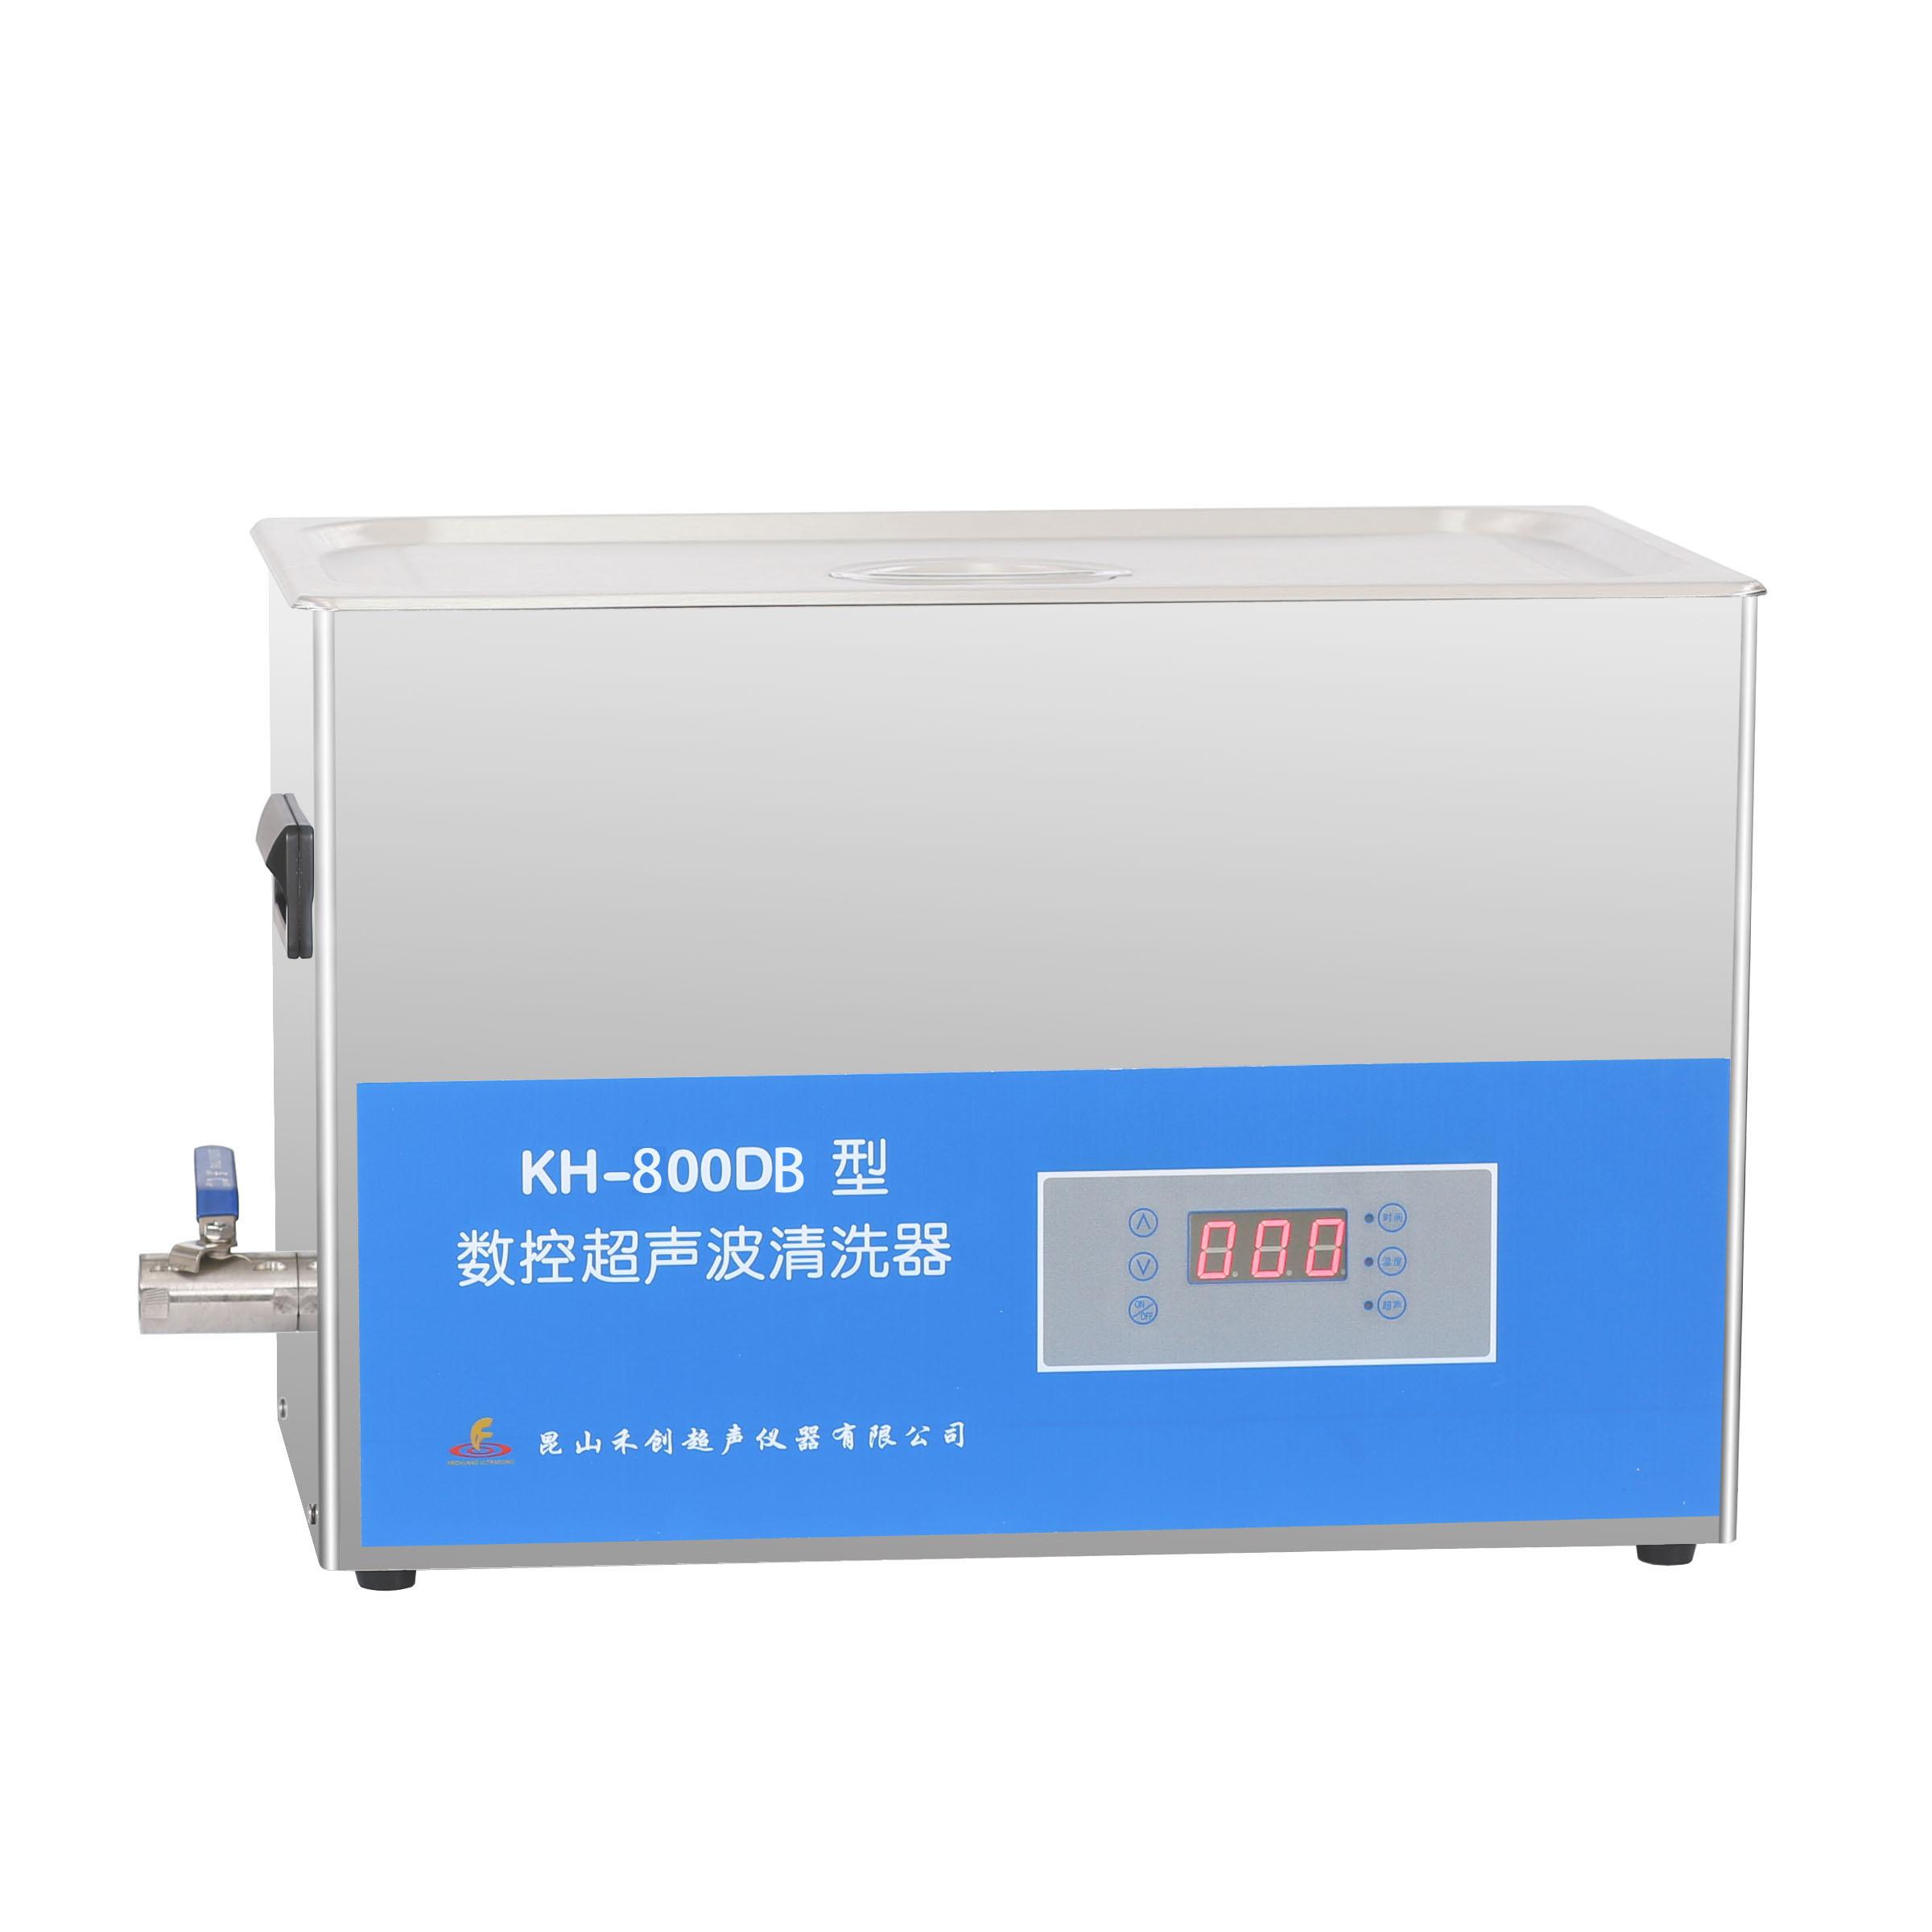 昆山禾创KH-800DB数控超声波清洗机